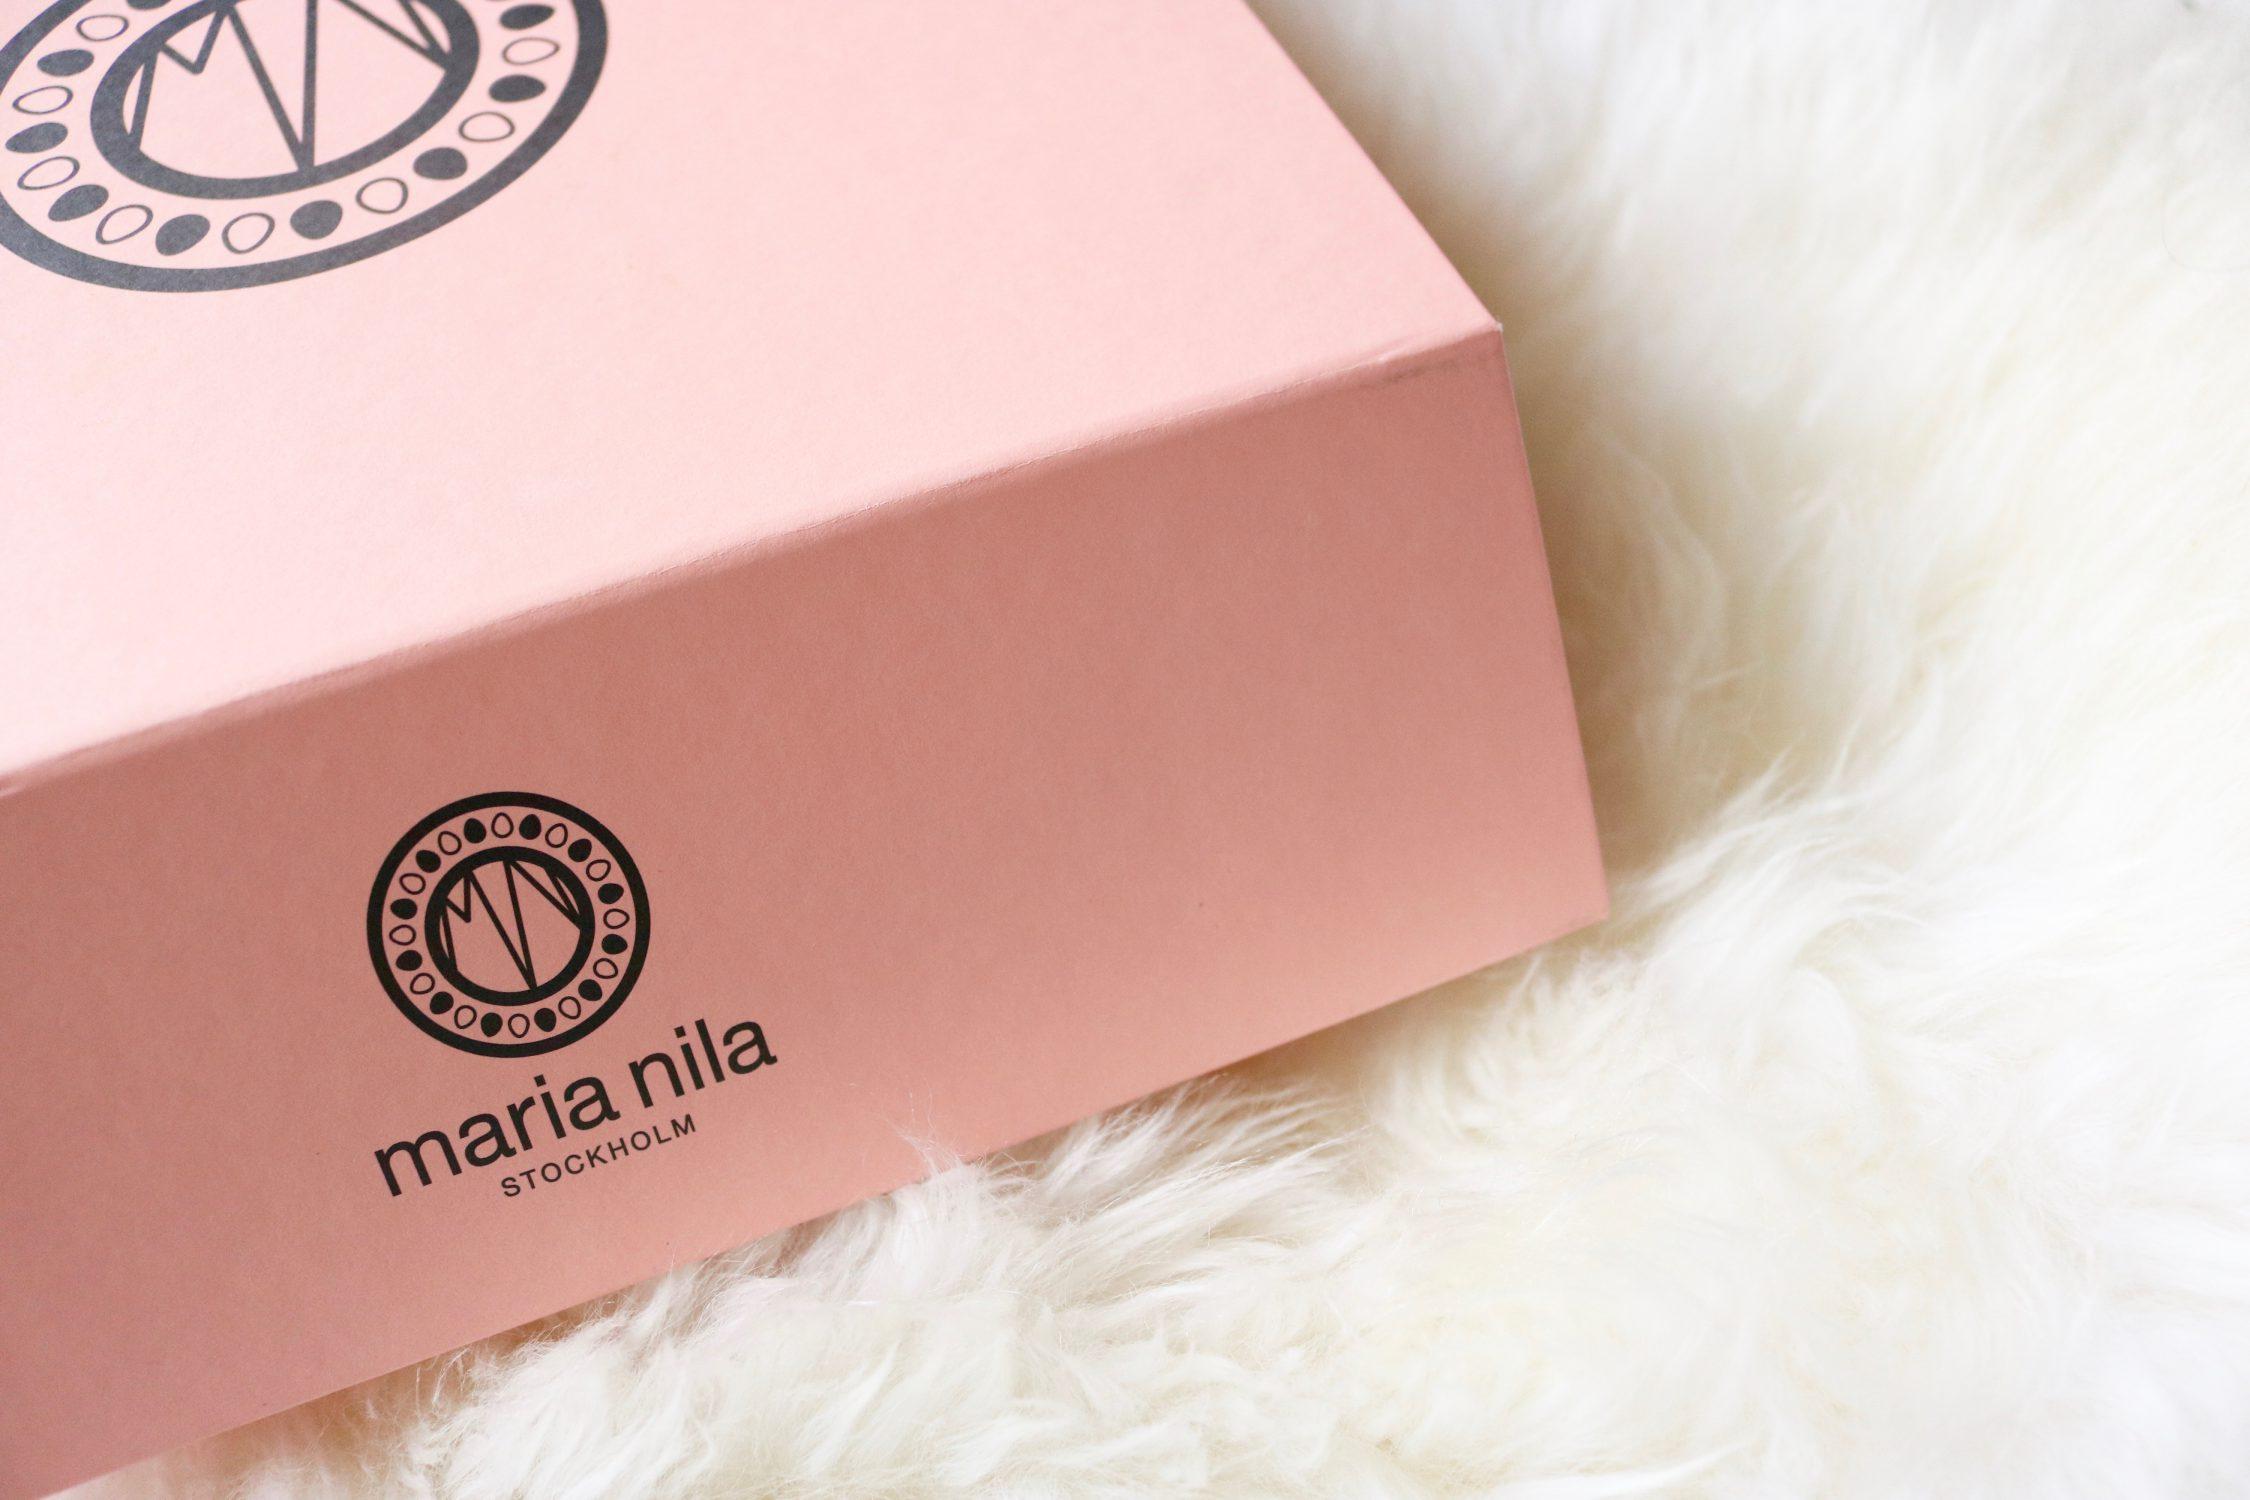 Maria-Nila-Color-Colour-Refresh-Review-Erfahrung-KLIPP-Frisör-Friseur-Onlineshop